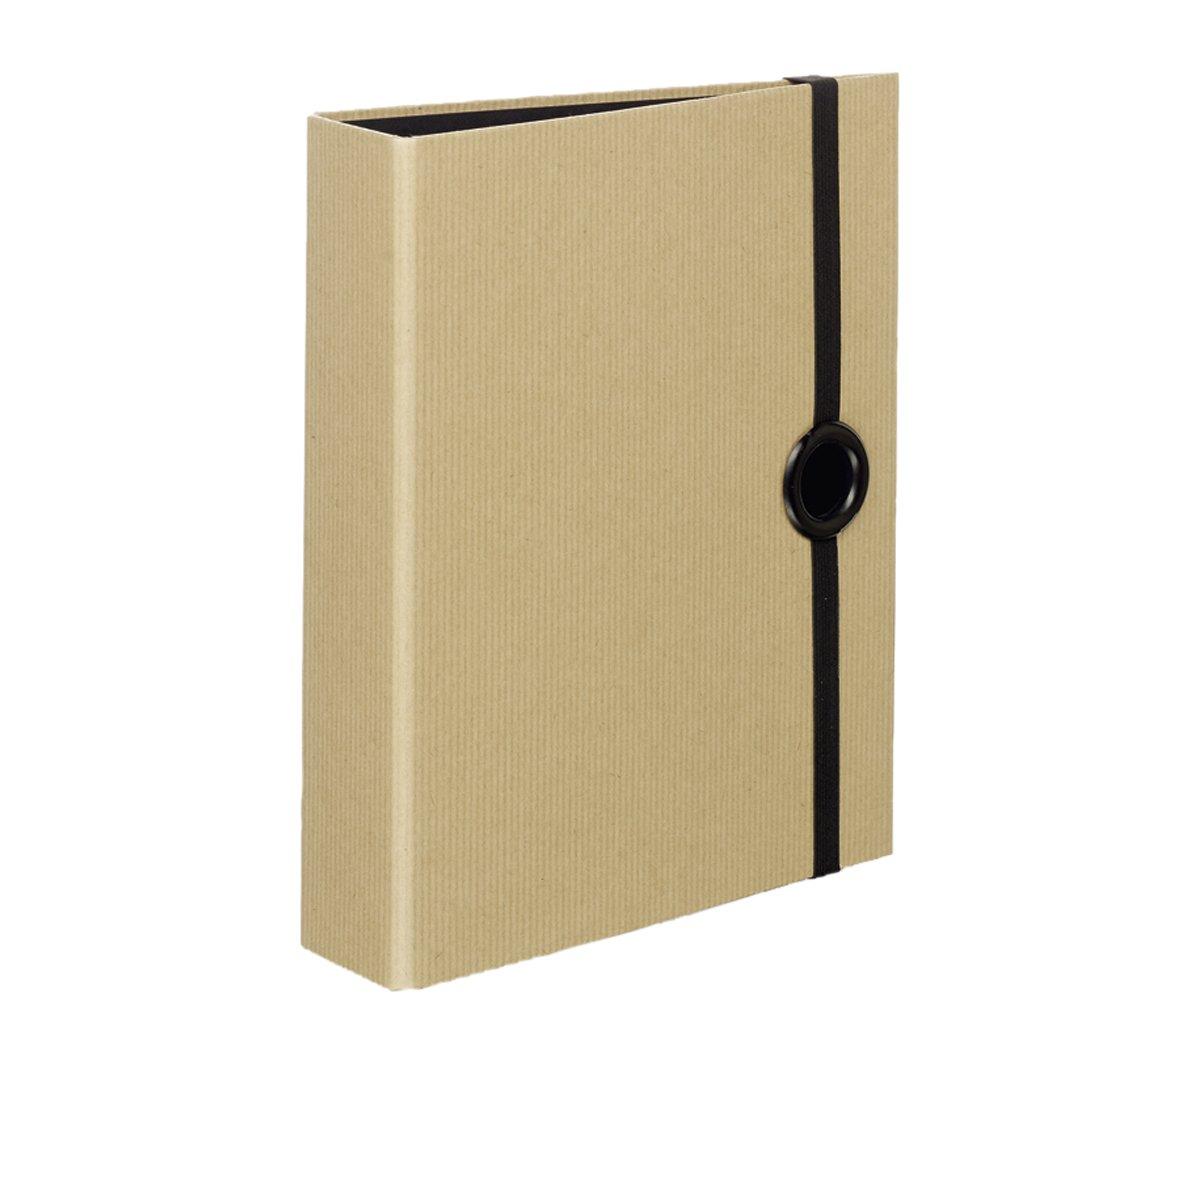 Rössler Papier - - Nature schwarz-Ringbuch(2) f.DIN f.DIN f.DIN A5 m. Griffloch - Liefermenge  3 Stück B07CX74QLZ   eine breite Palette von Produkten  8baf28